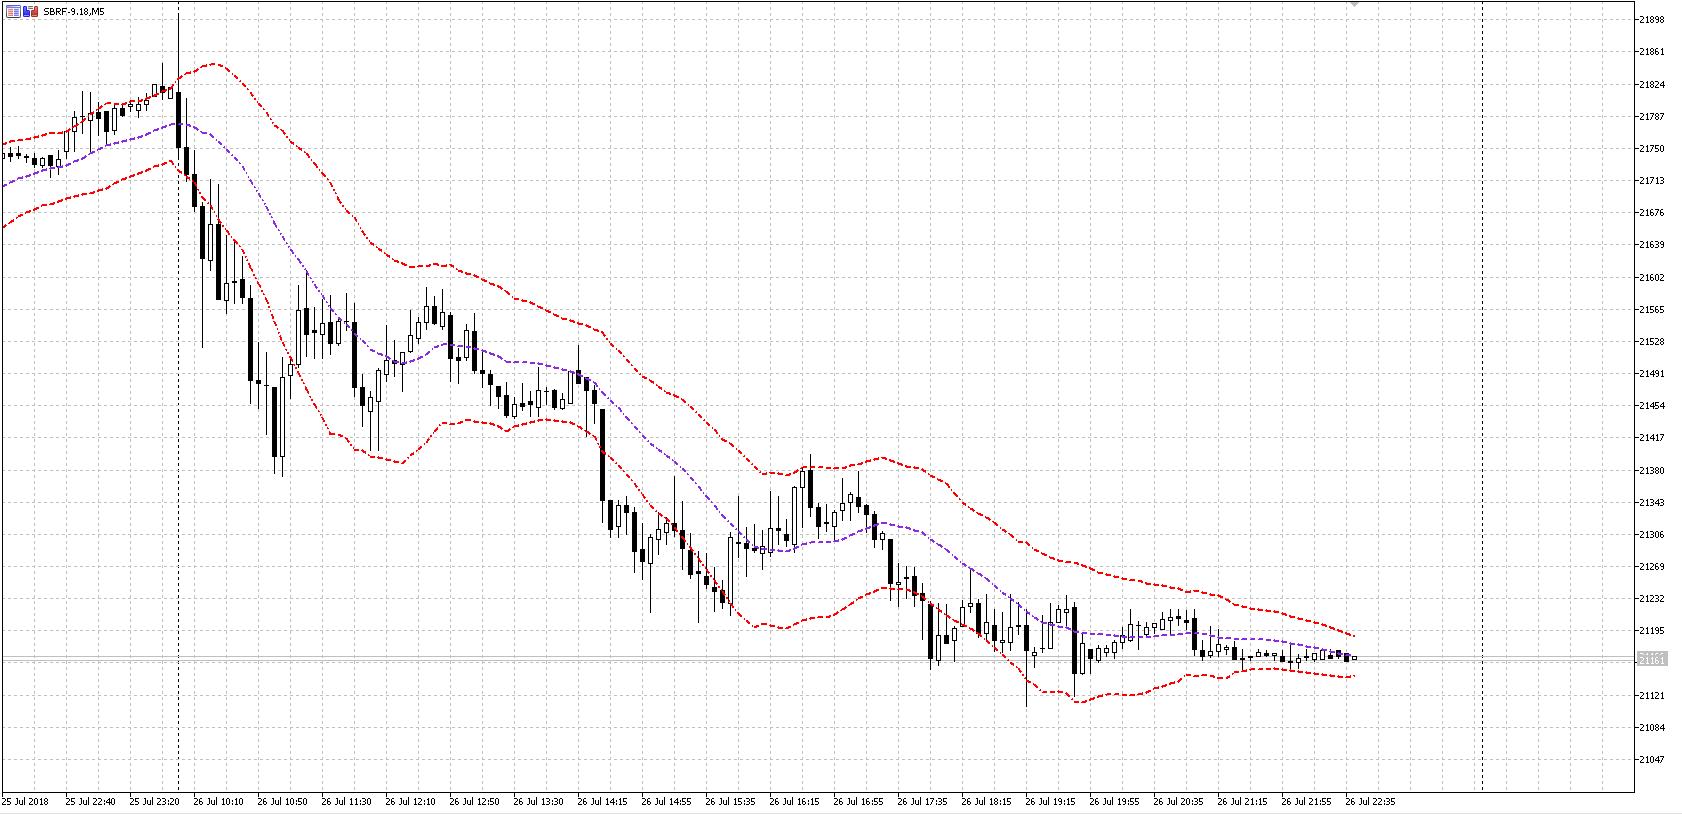 Канальный-индикатор-ATR-channel